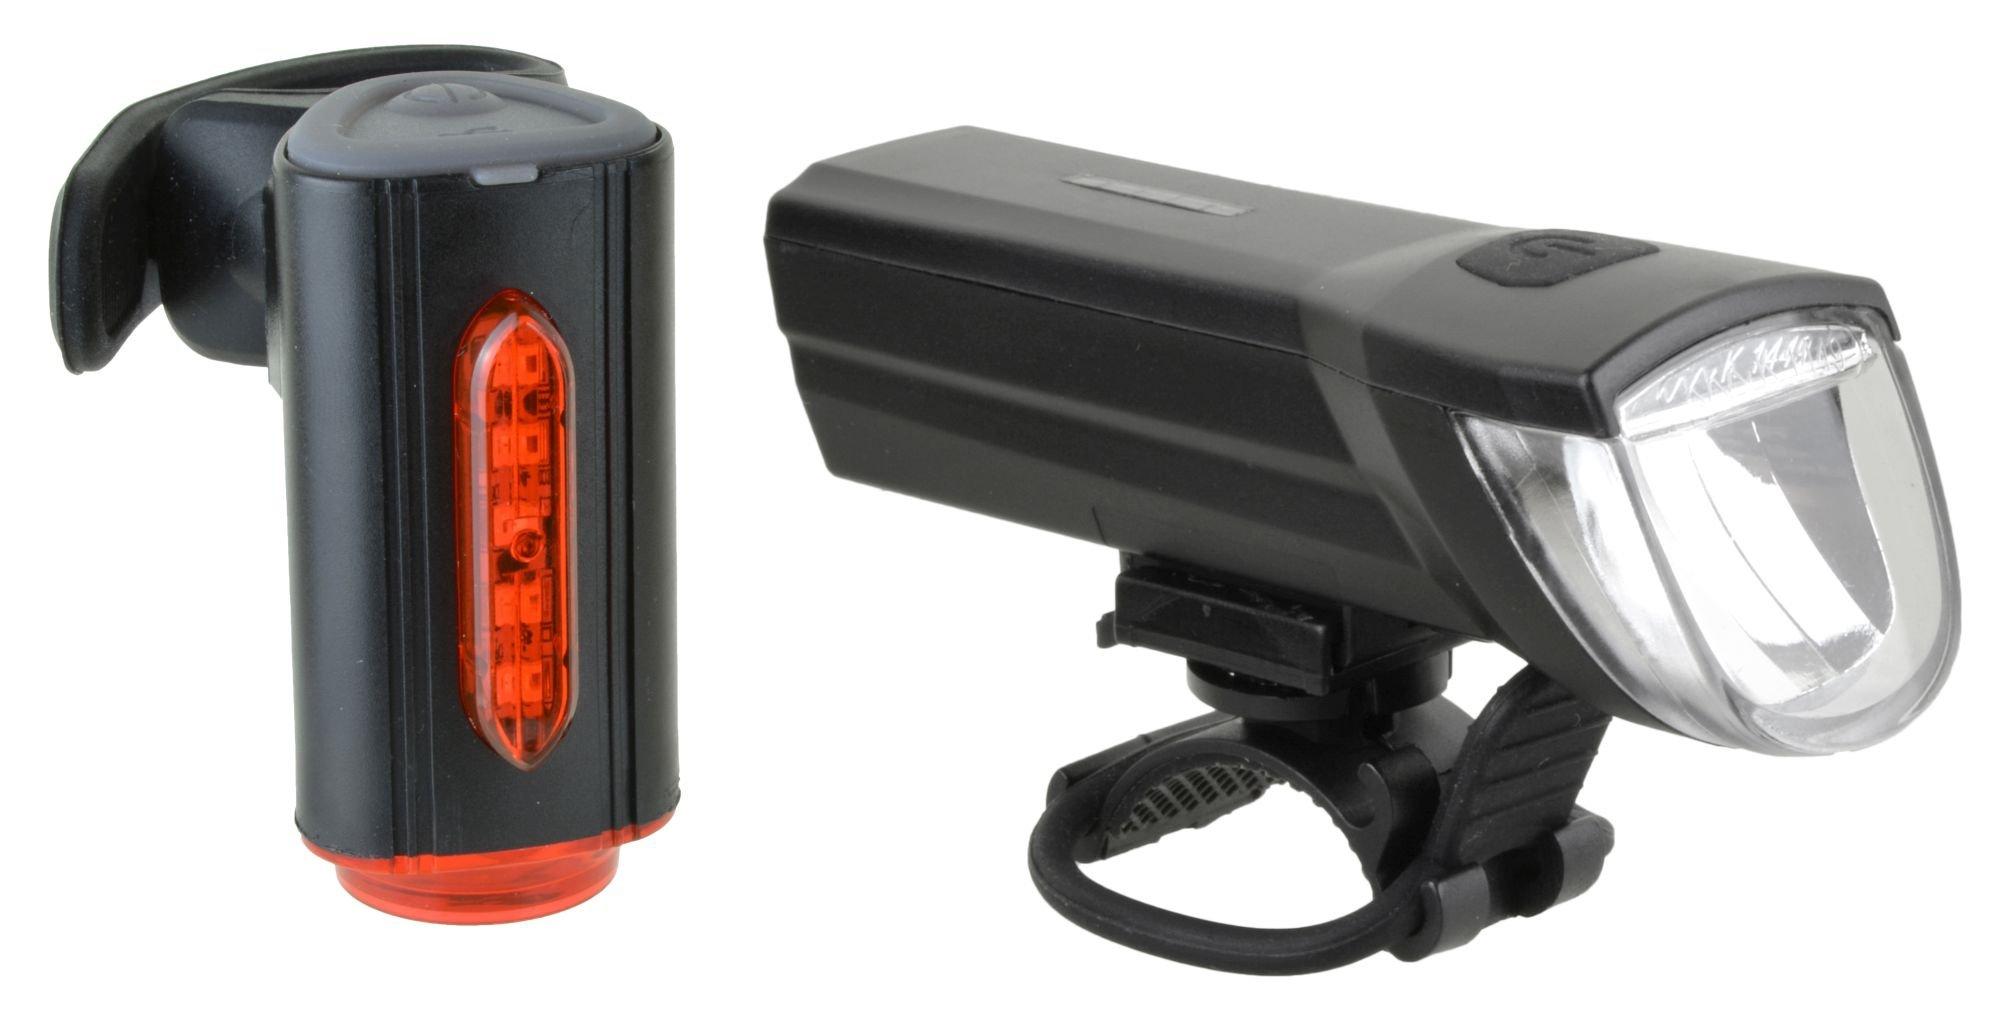 batterielicht sets/Beleuchtung: Fuxon  Beleuchtungsset LED Calvi II Set